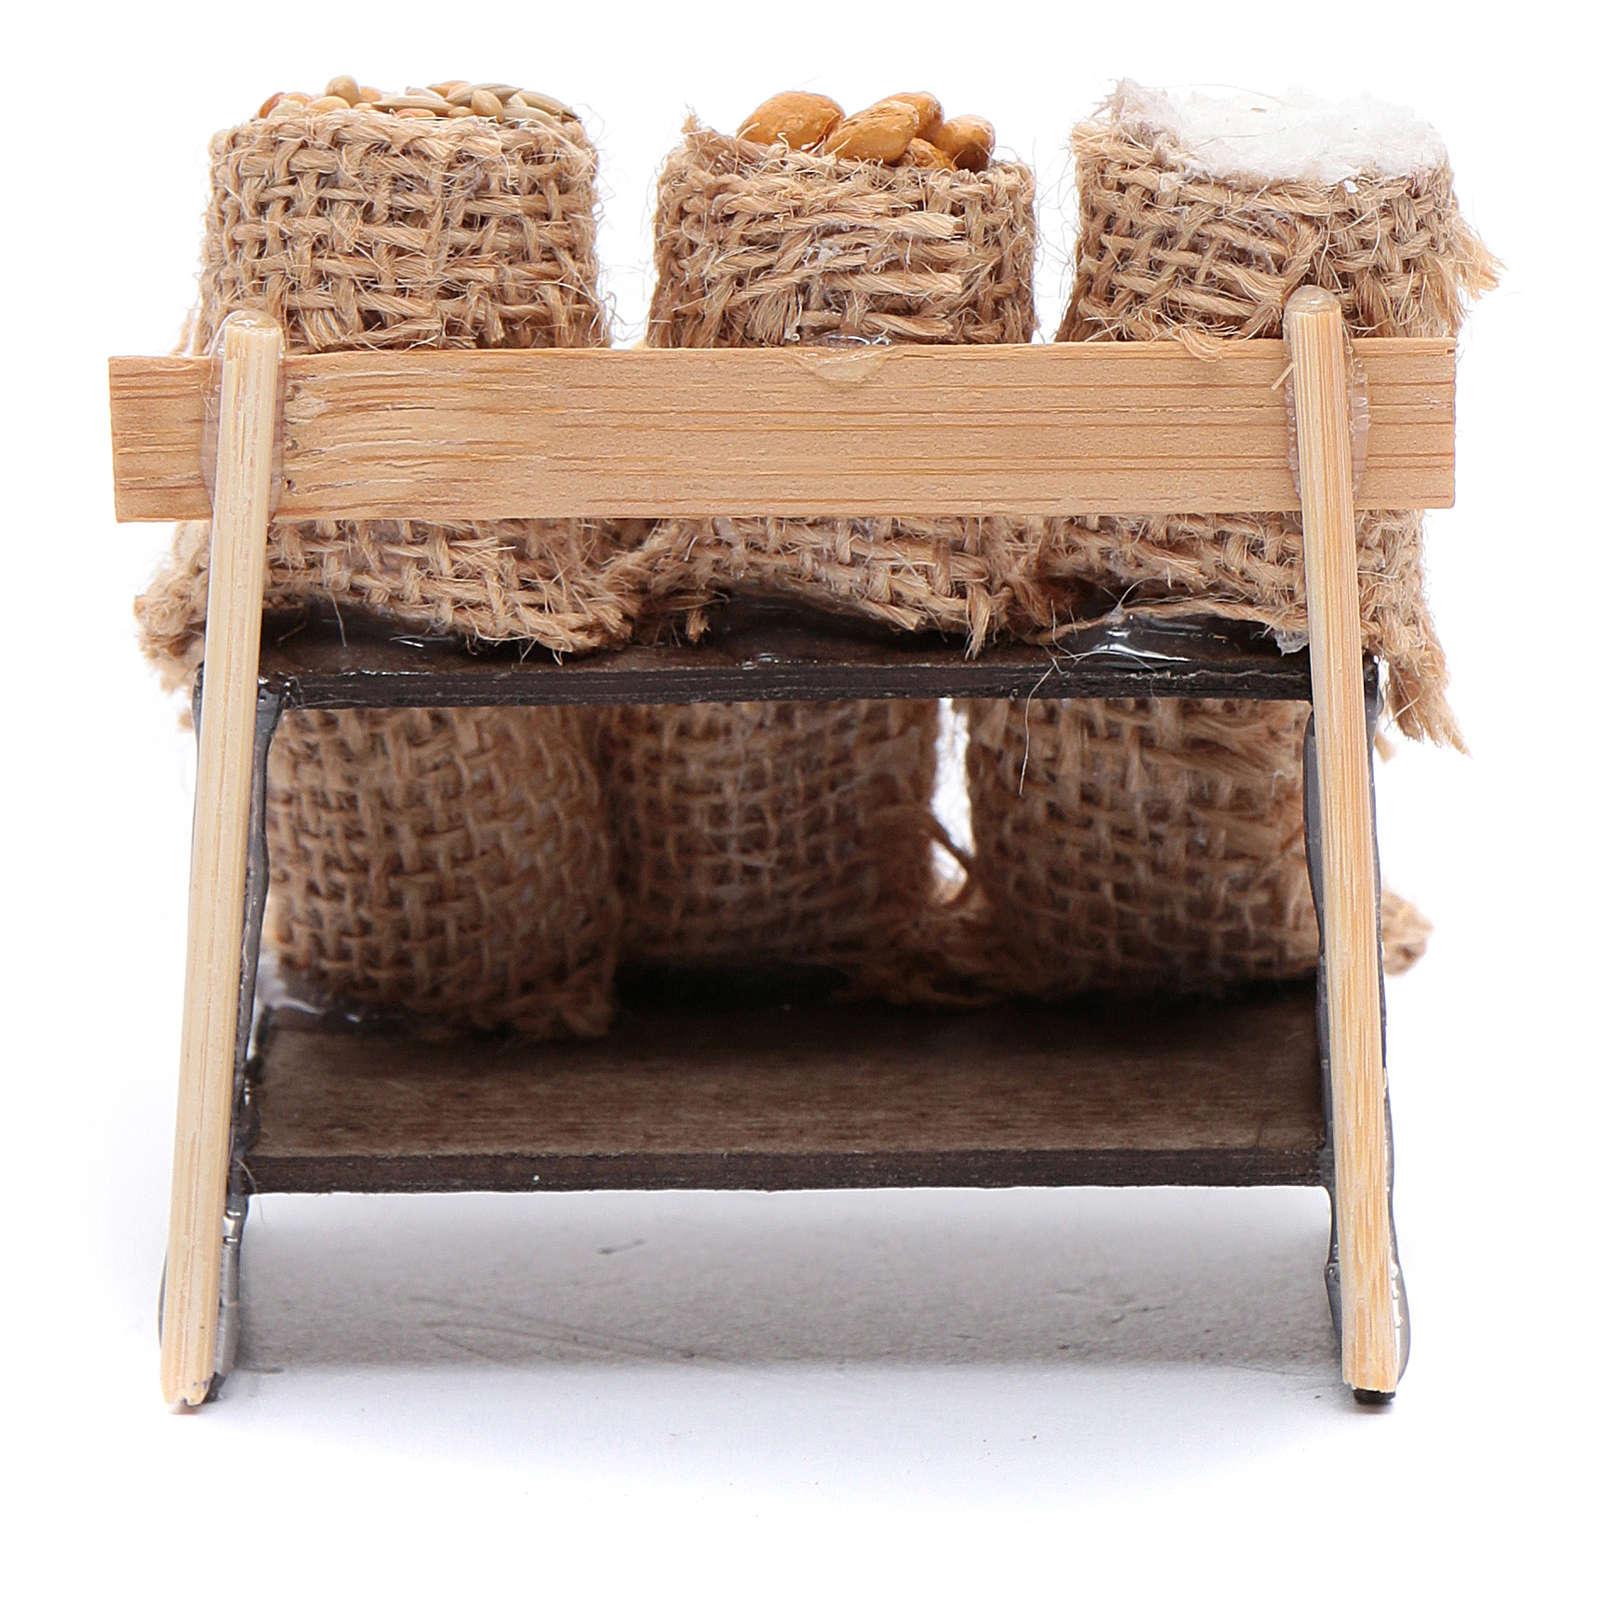 Banchetto con sacchi in juta - accessori presepe napoletano 4